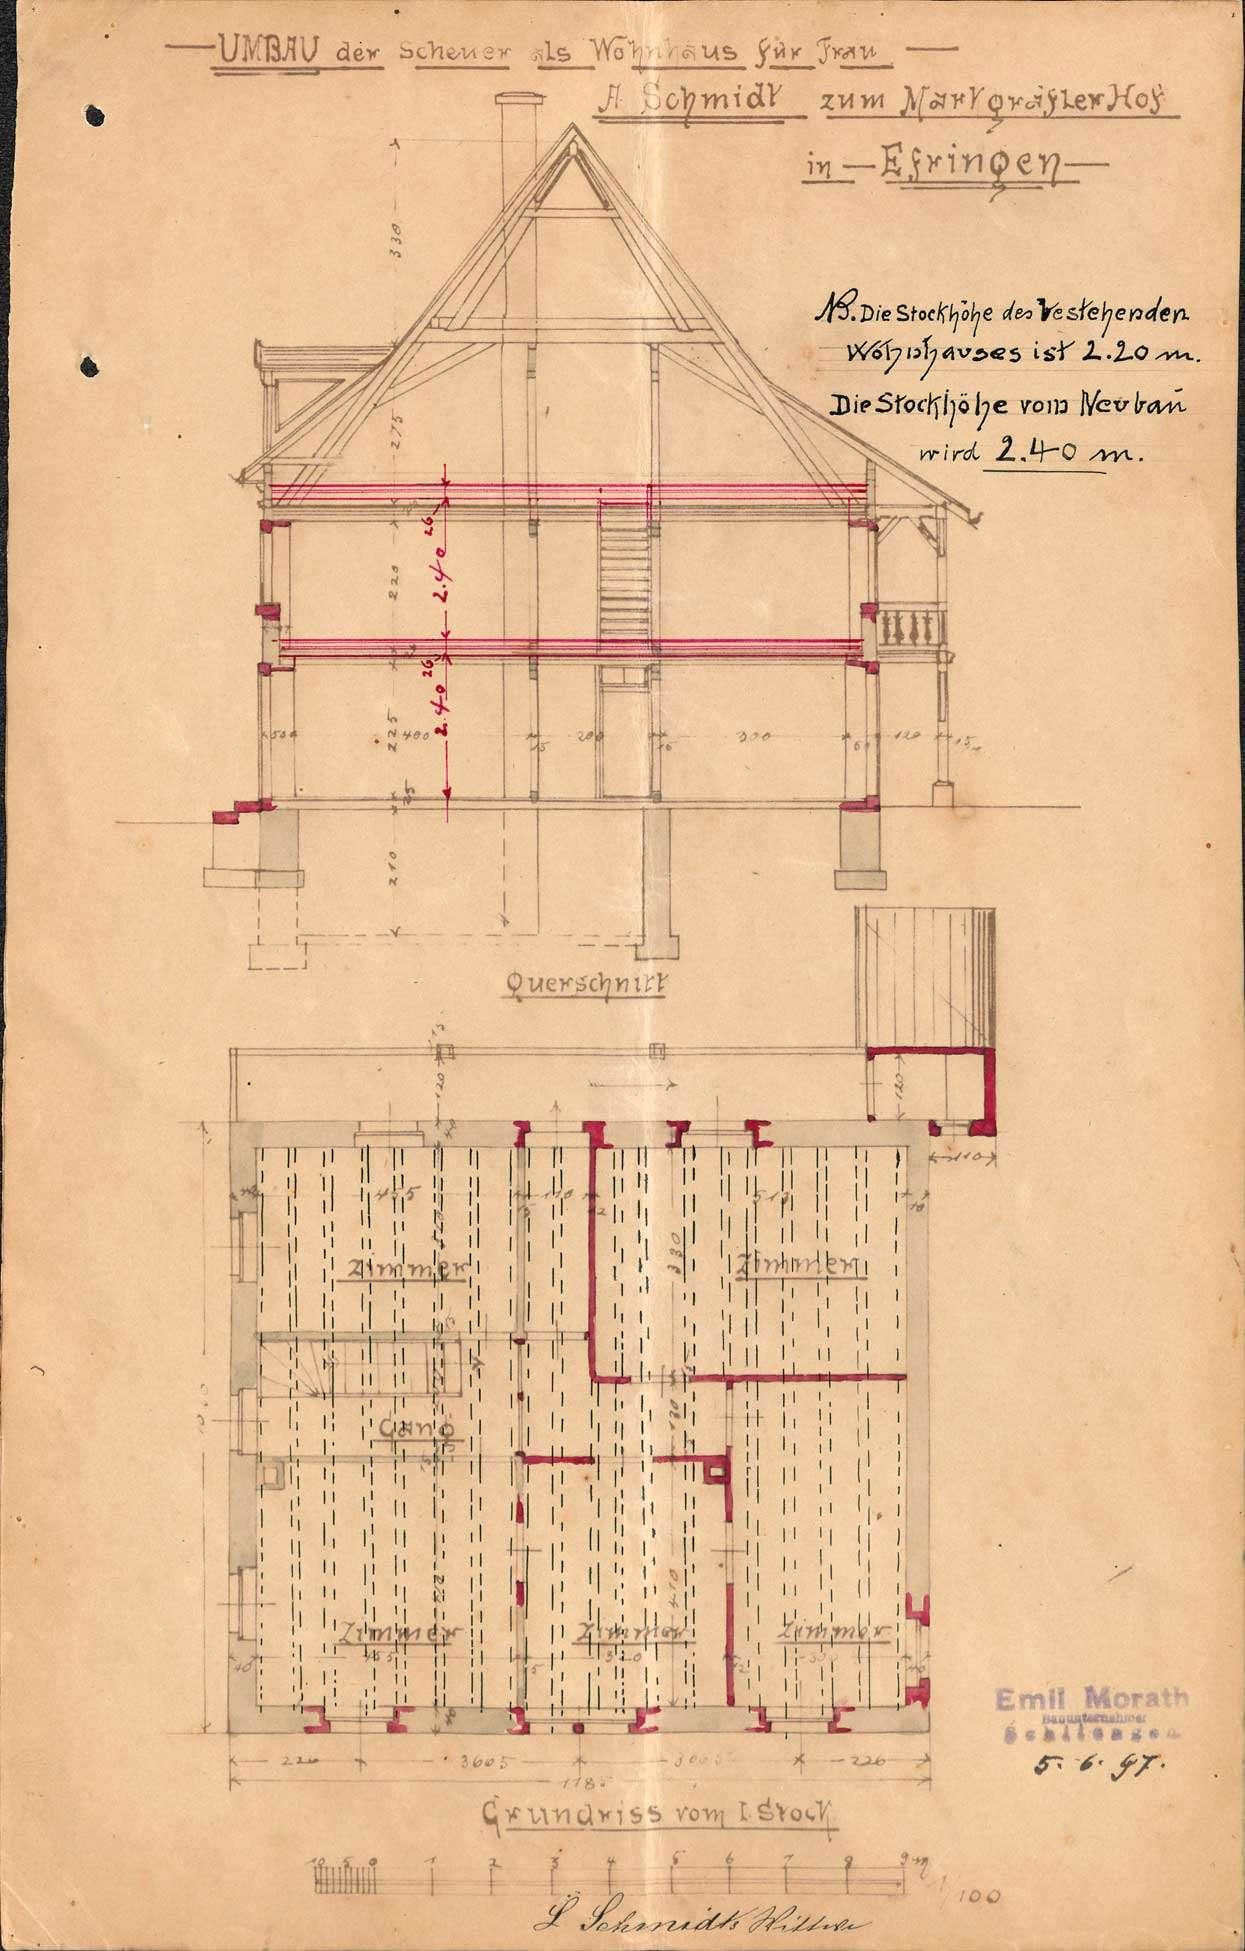 Antrag der Witwe des Ludwig Schmidt, Gastwirtin Zum Markgräflerhof, auf Genehmigung zum Umbau der Scheune als Wohnhaus in Efringen, Bild 3